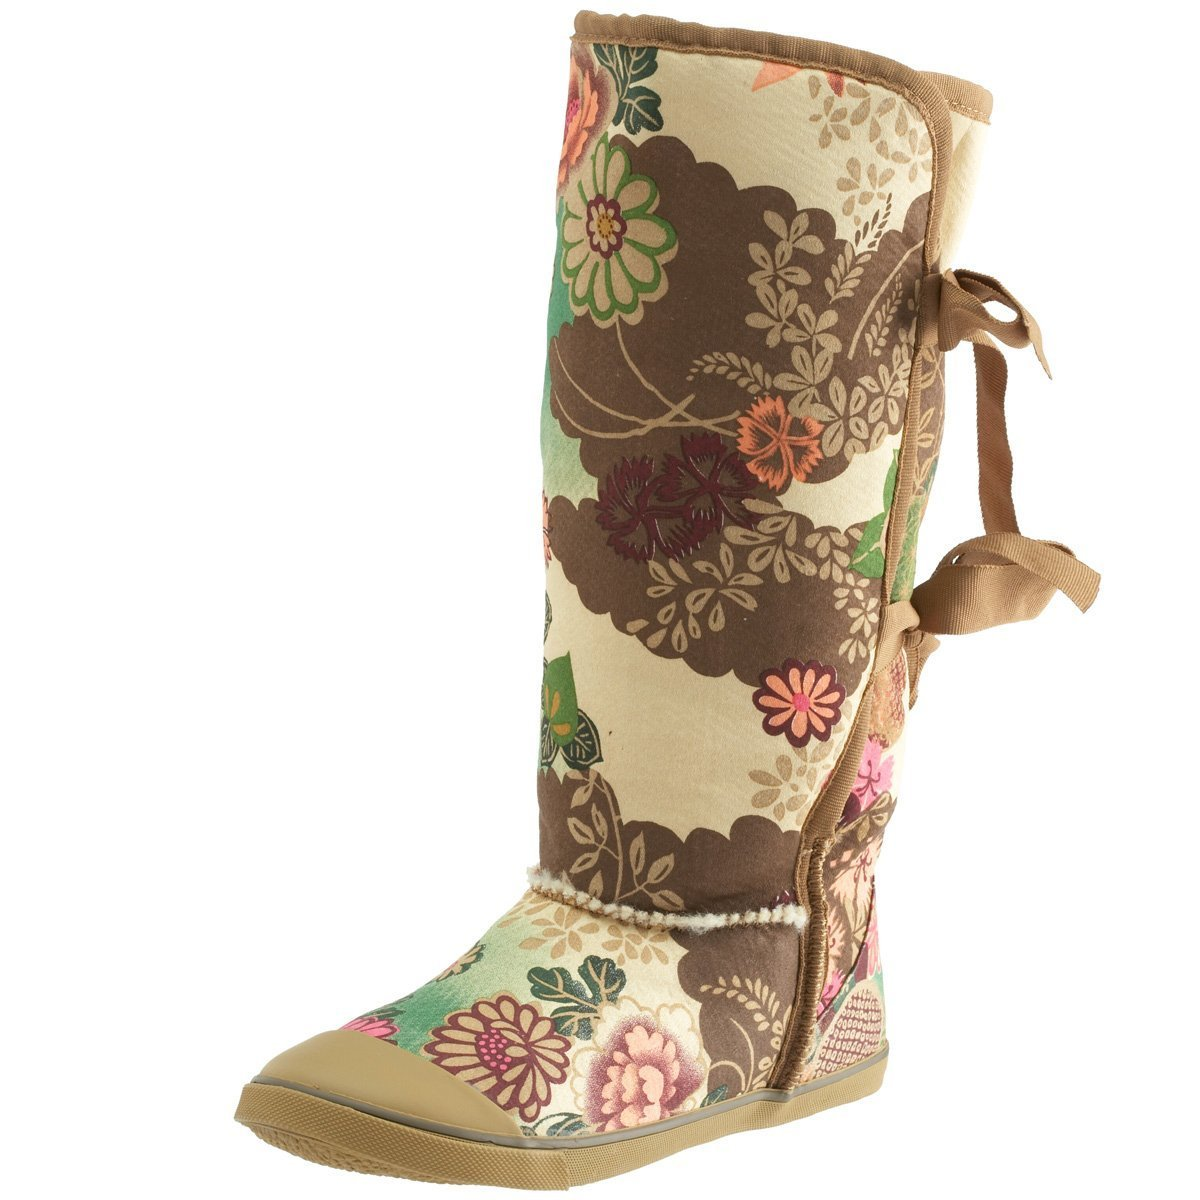 56b34957f2809 Sugar shoes morigami boot asian floral tan uk shoes bags jpg 1200x1200 Sugar  morigami